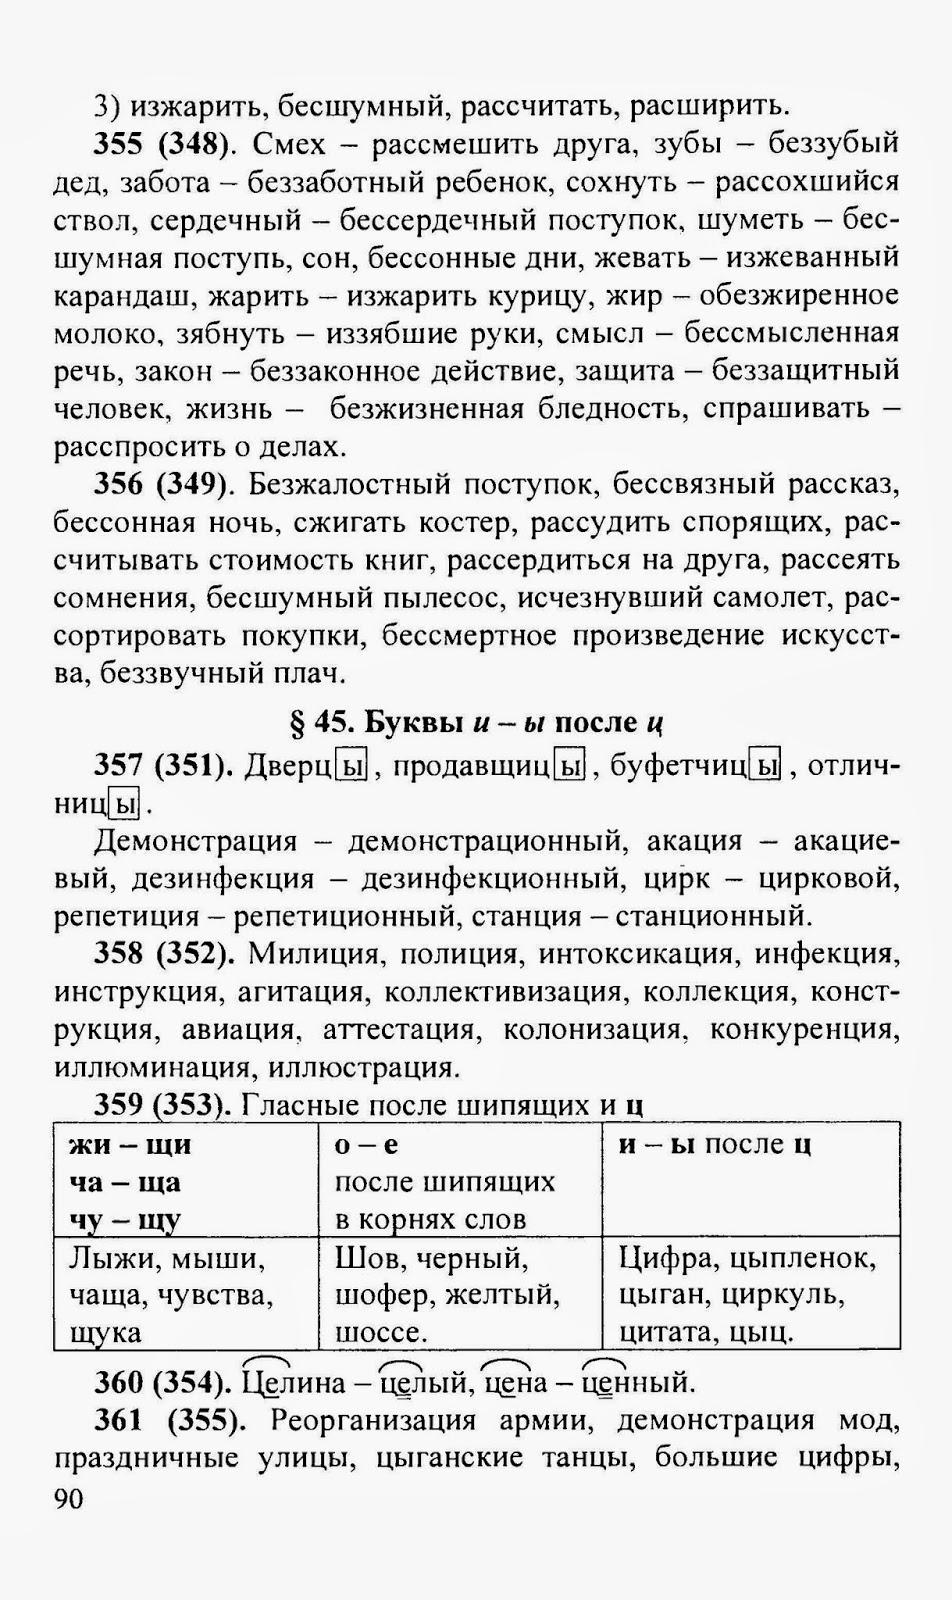 Решебник по Учебнику Русского языка 8 Класс Разумовская